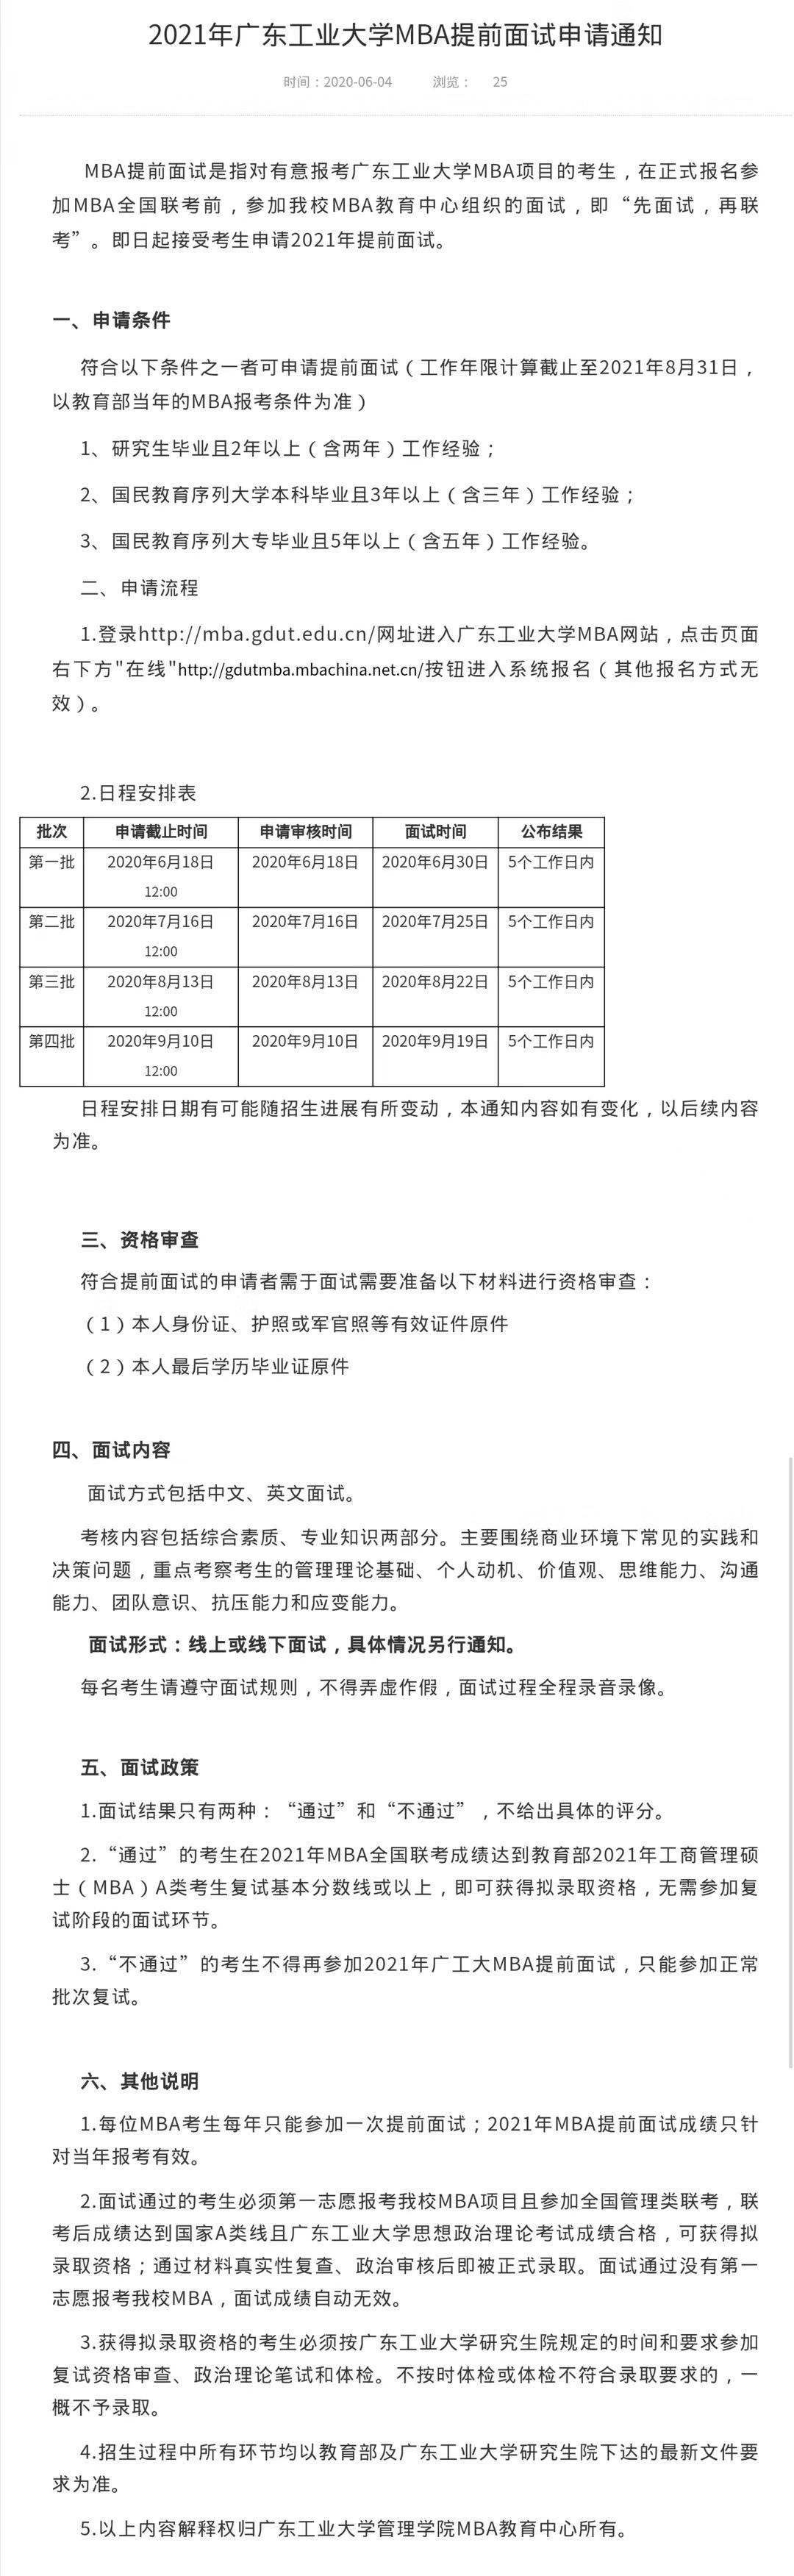 广东工业大学2021MBA提前面试政策公布